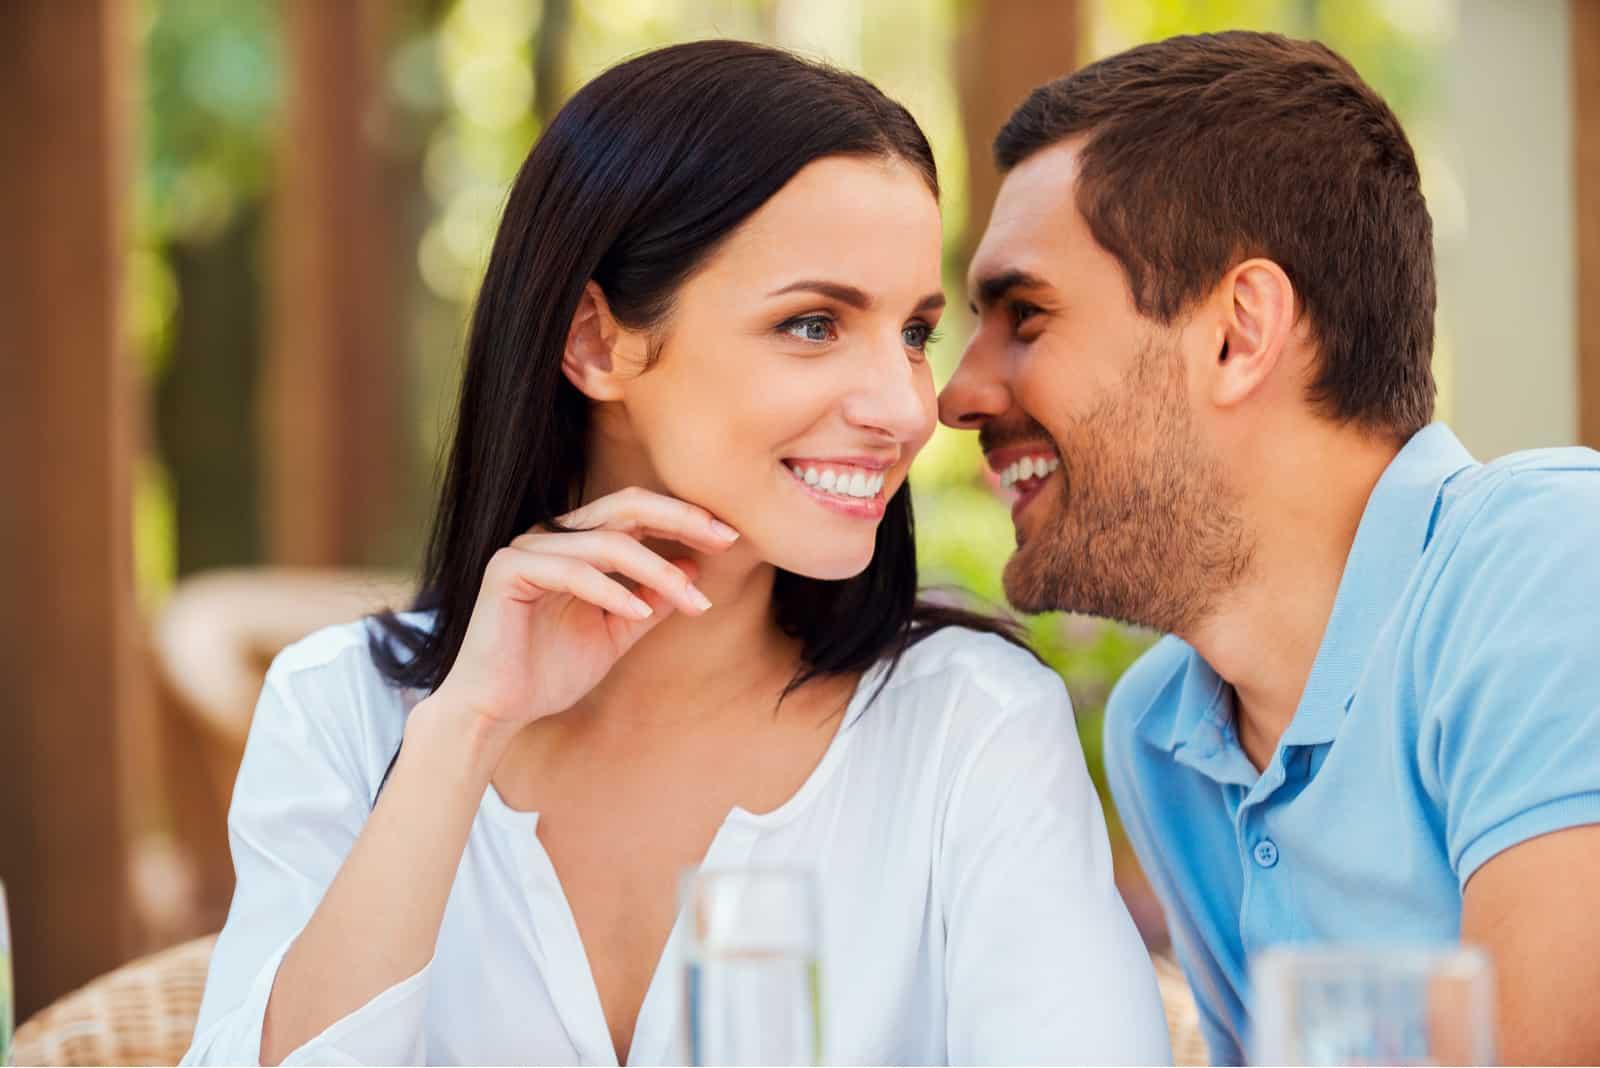 l'homme chuchote à l'oreille de la femme et rit